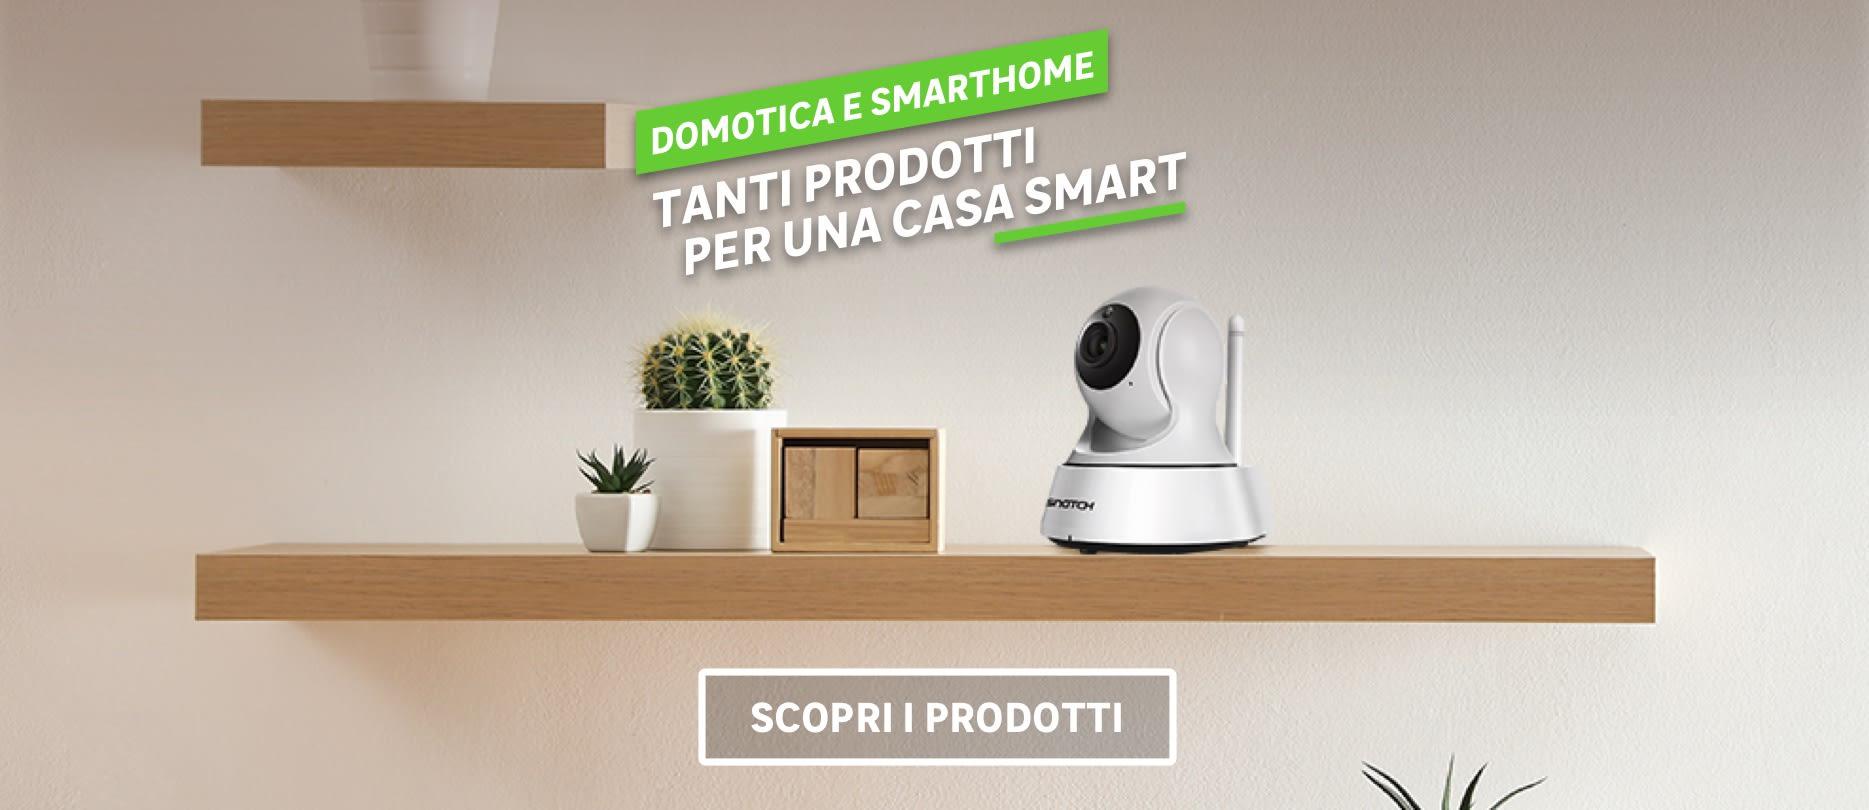 Tanti prodotti domotica e smarthome